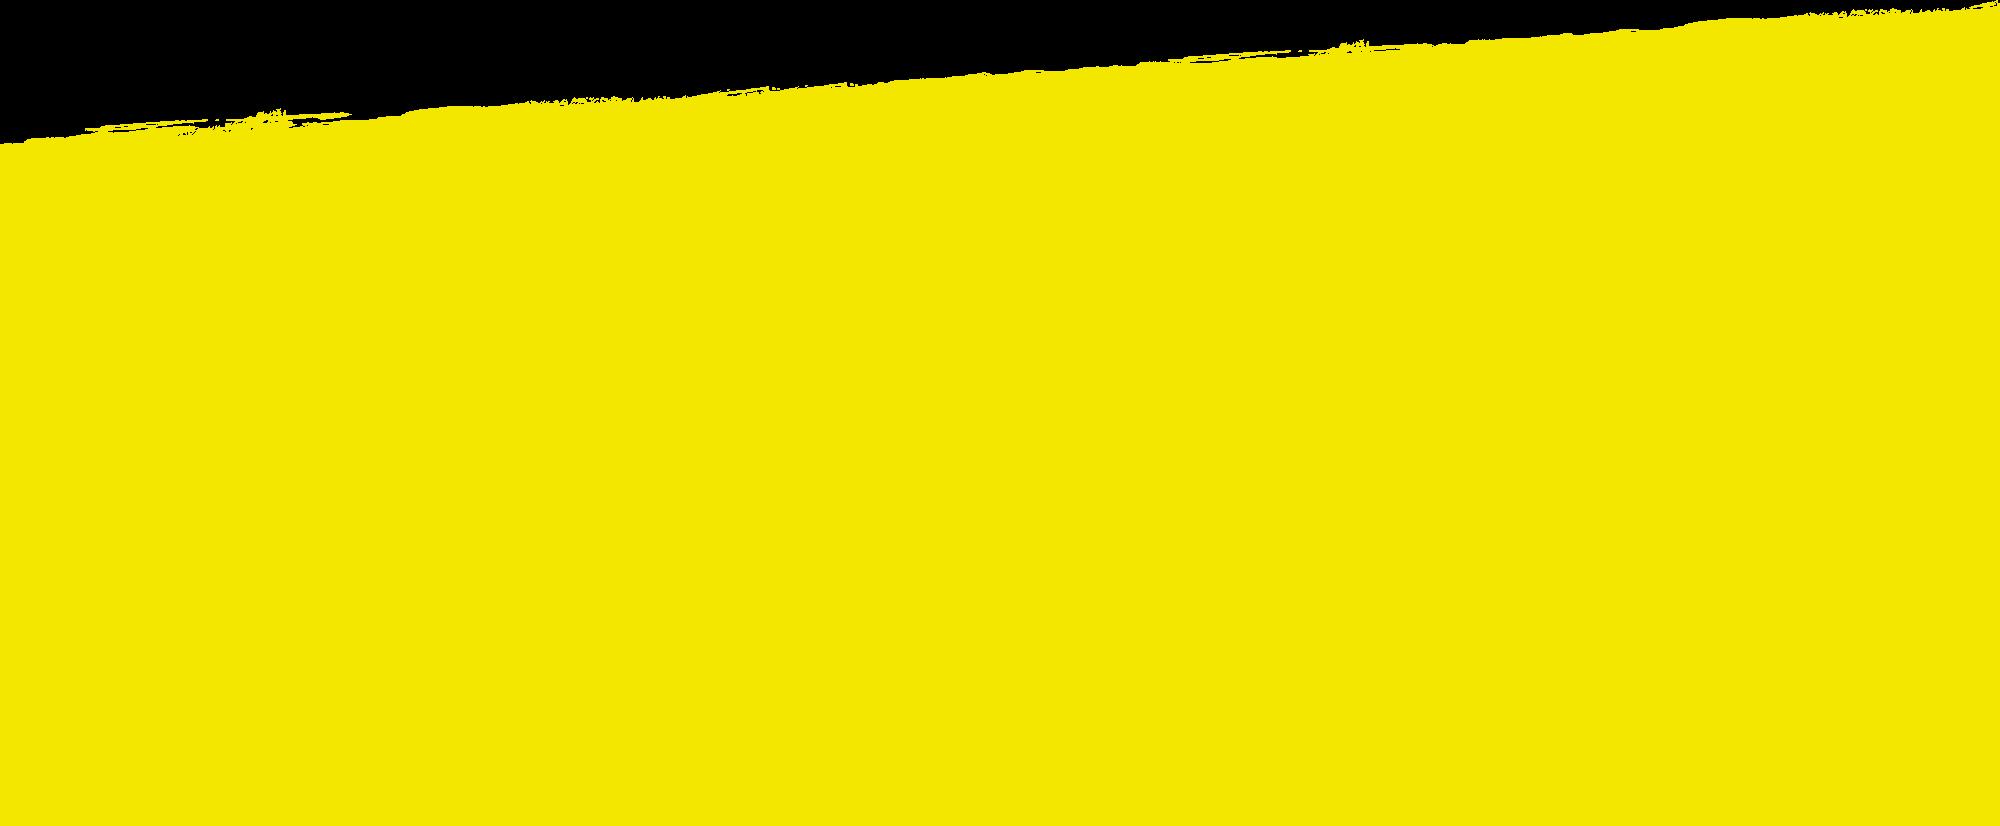 2000x914 btm.png